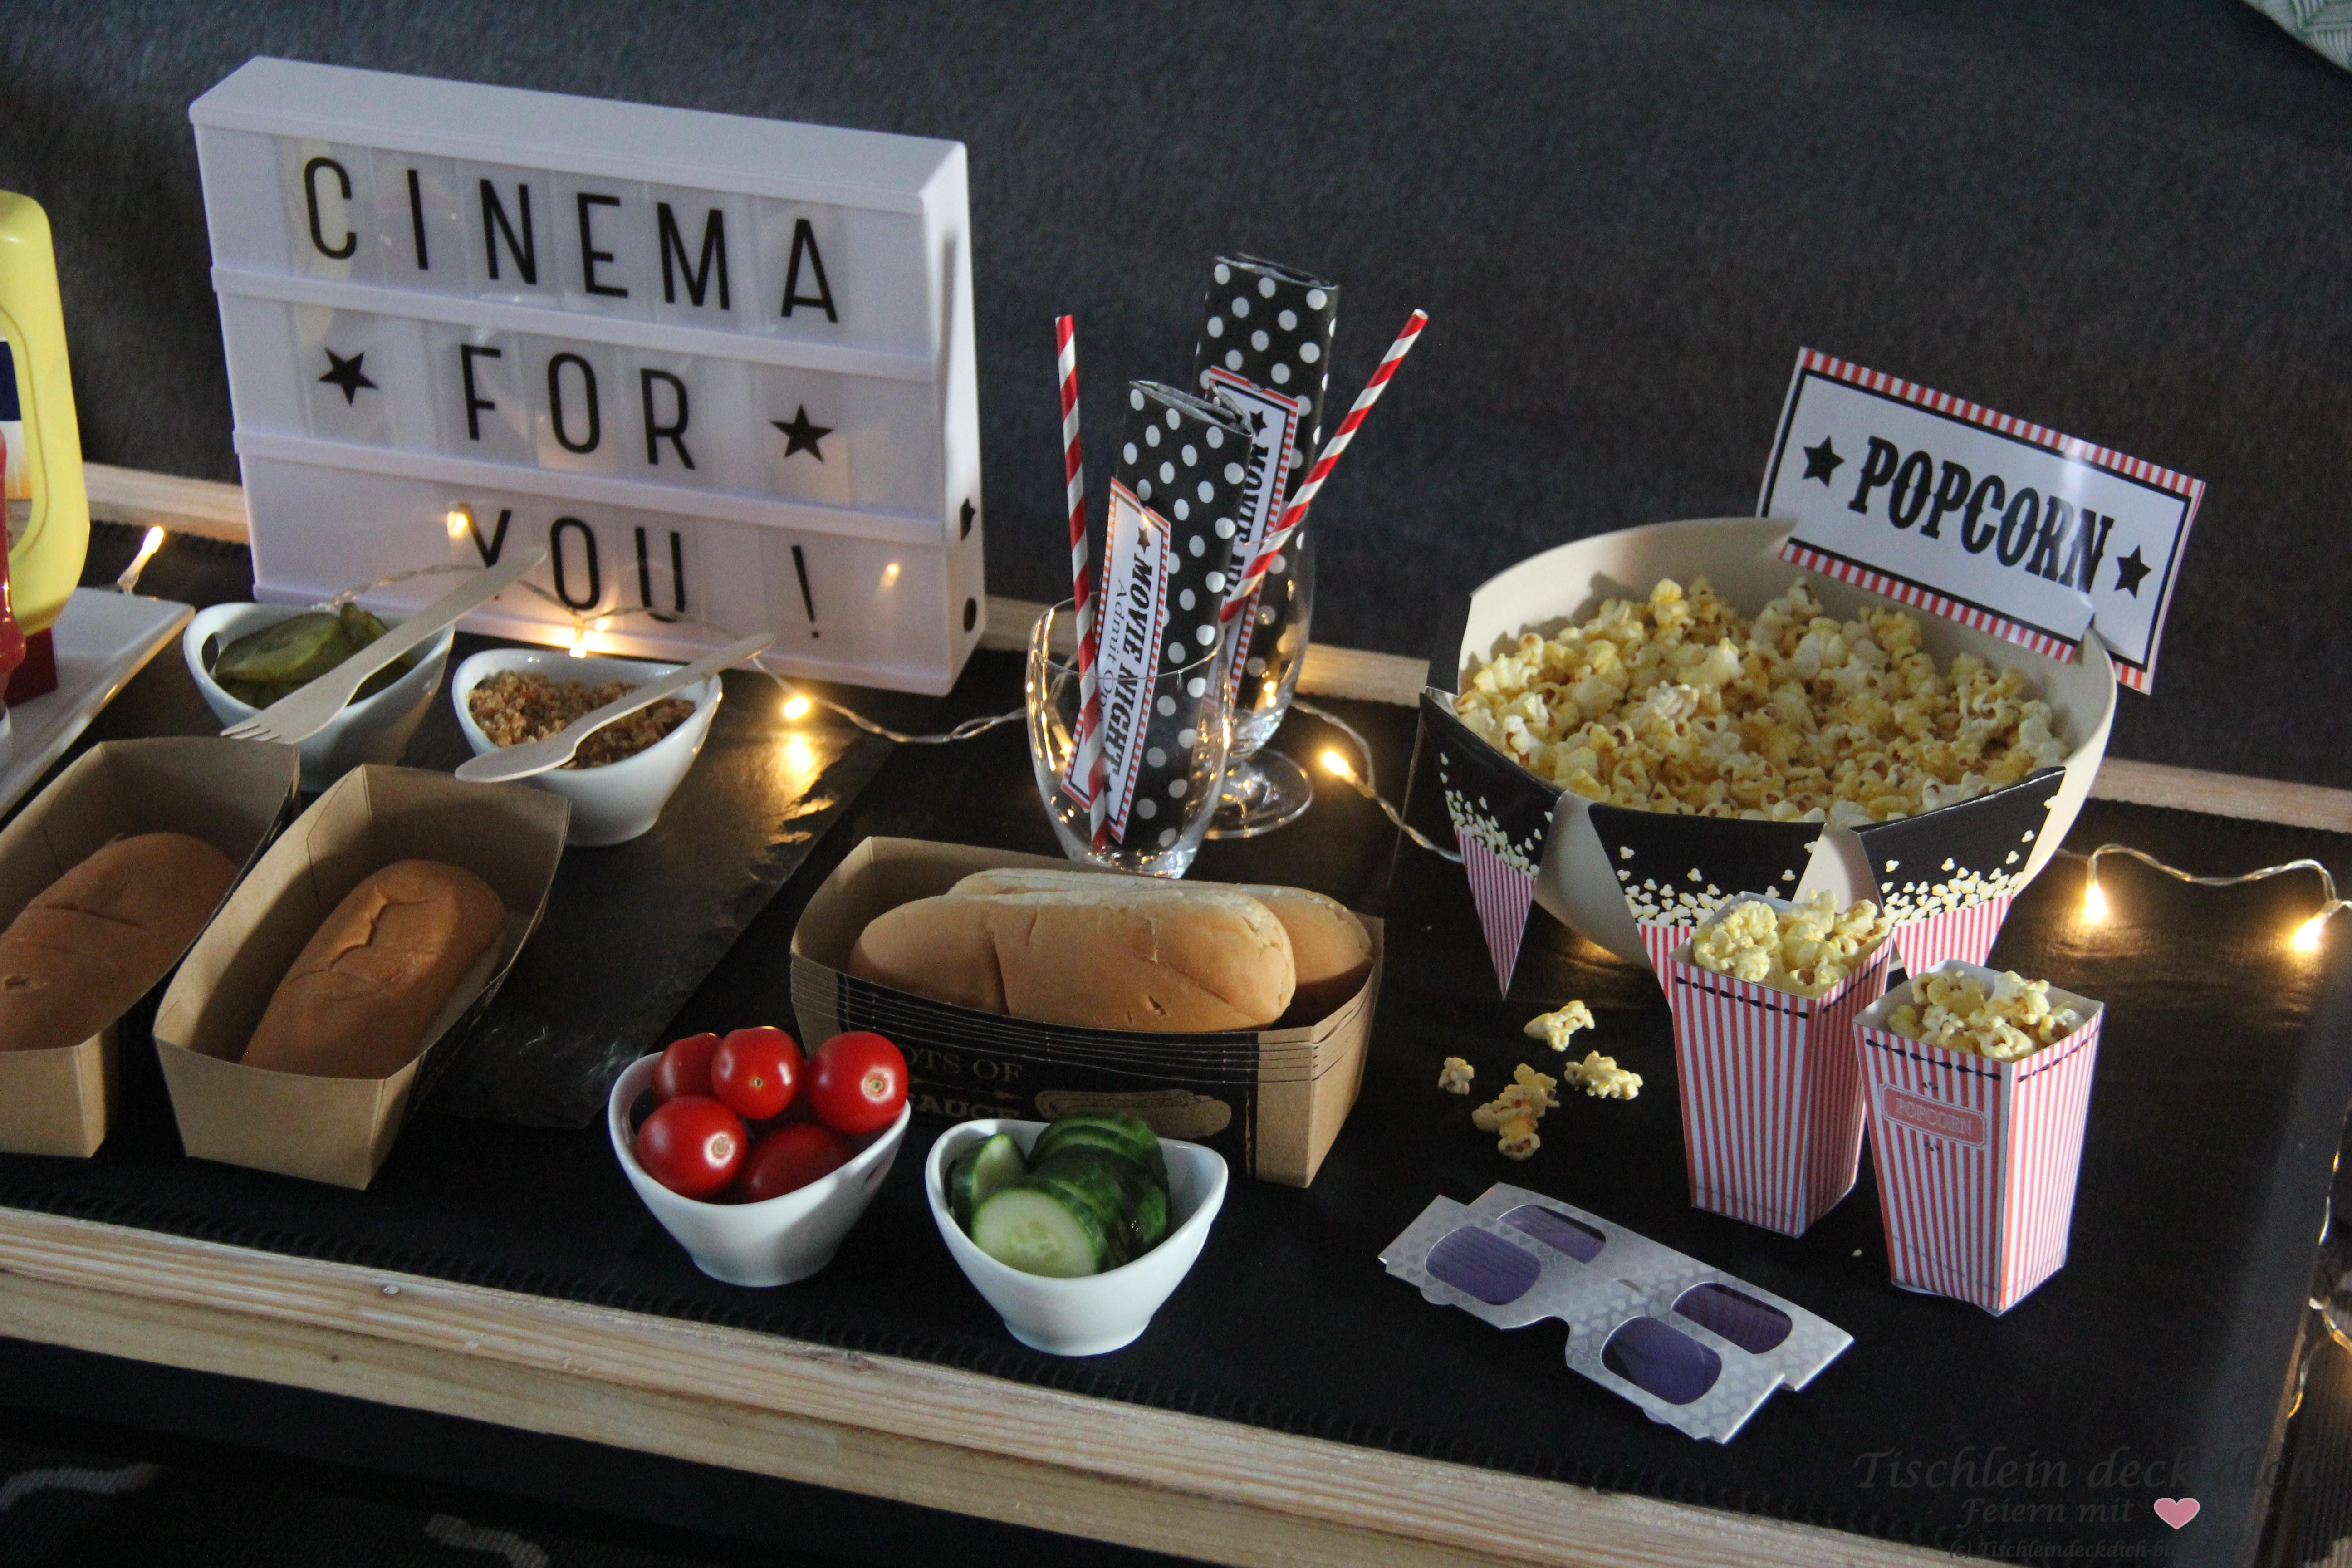 kinoabend daheim mit popcorn tischlein deck dich. Black Bedroom Furniture Sets. Home Design Ideas